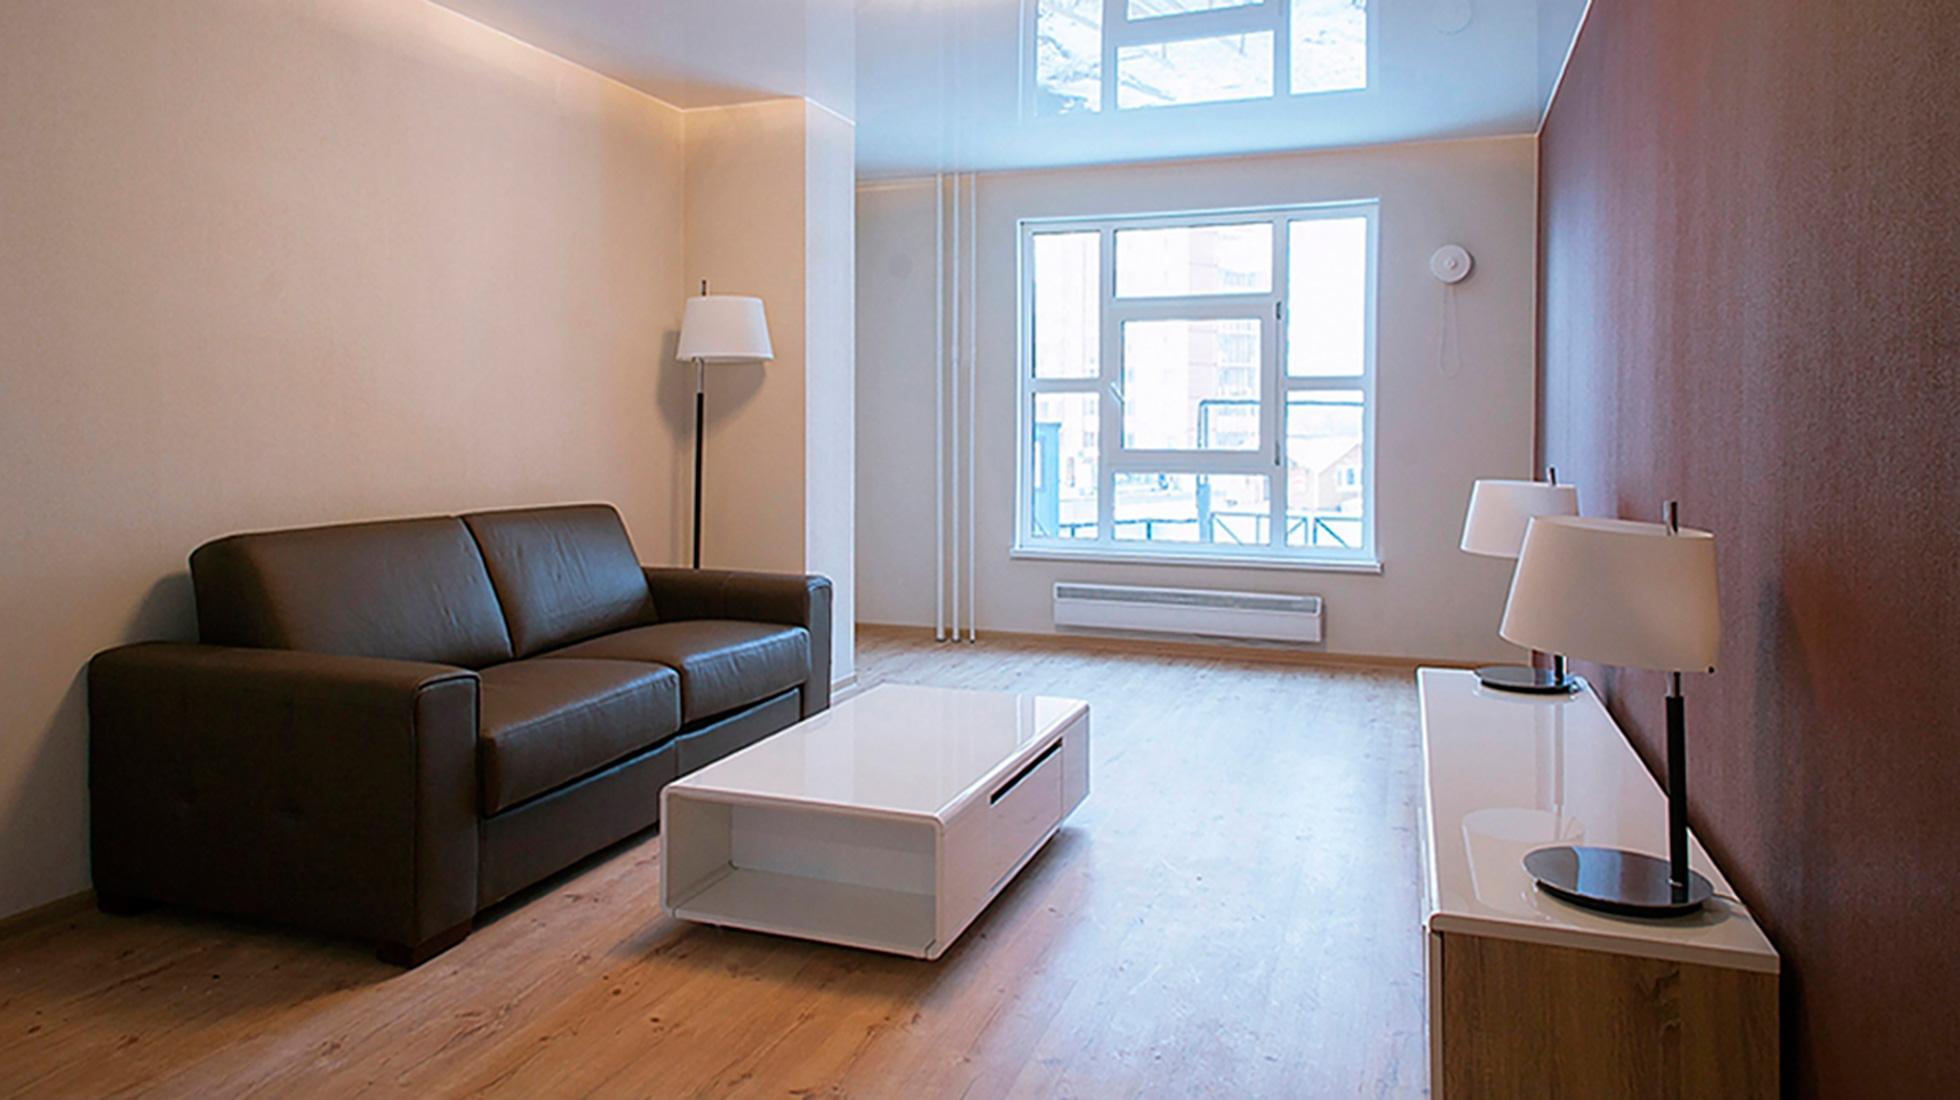 Продам 3-комнатную квартиру, новостройка, панельный, общая п.